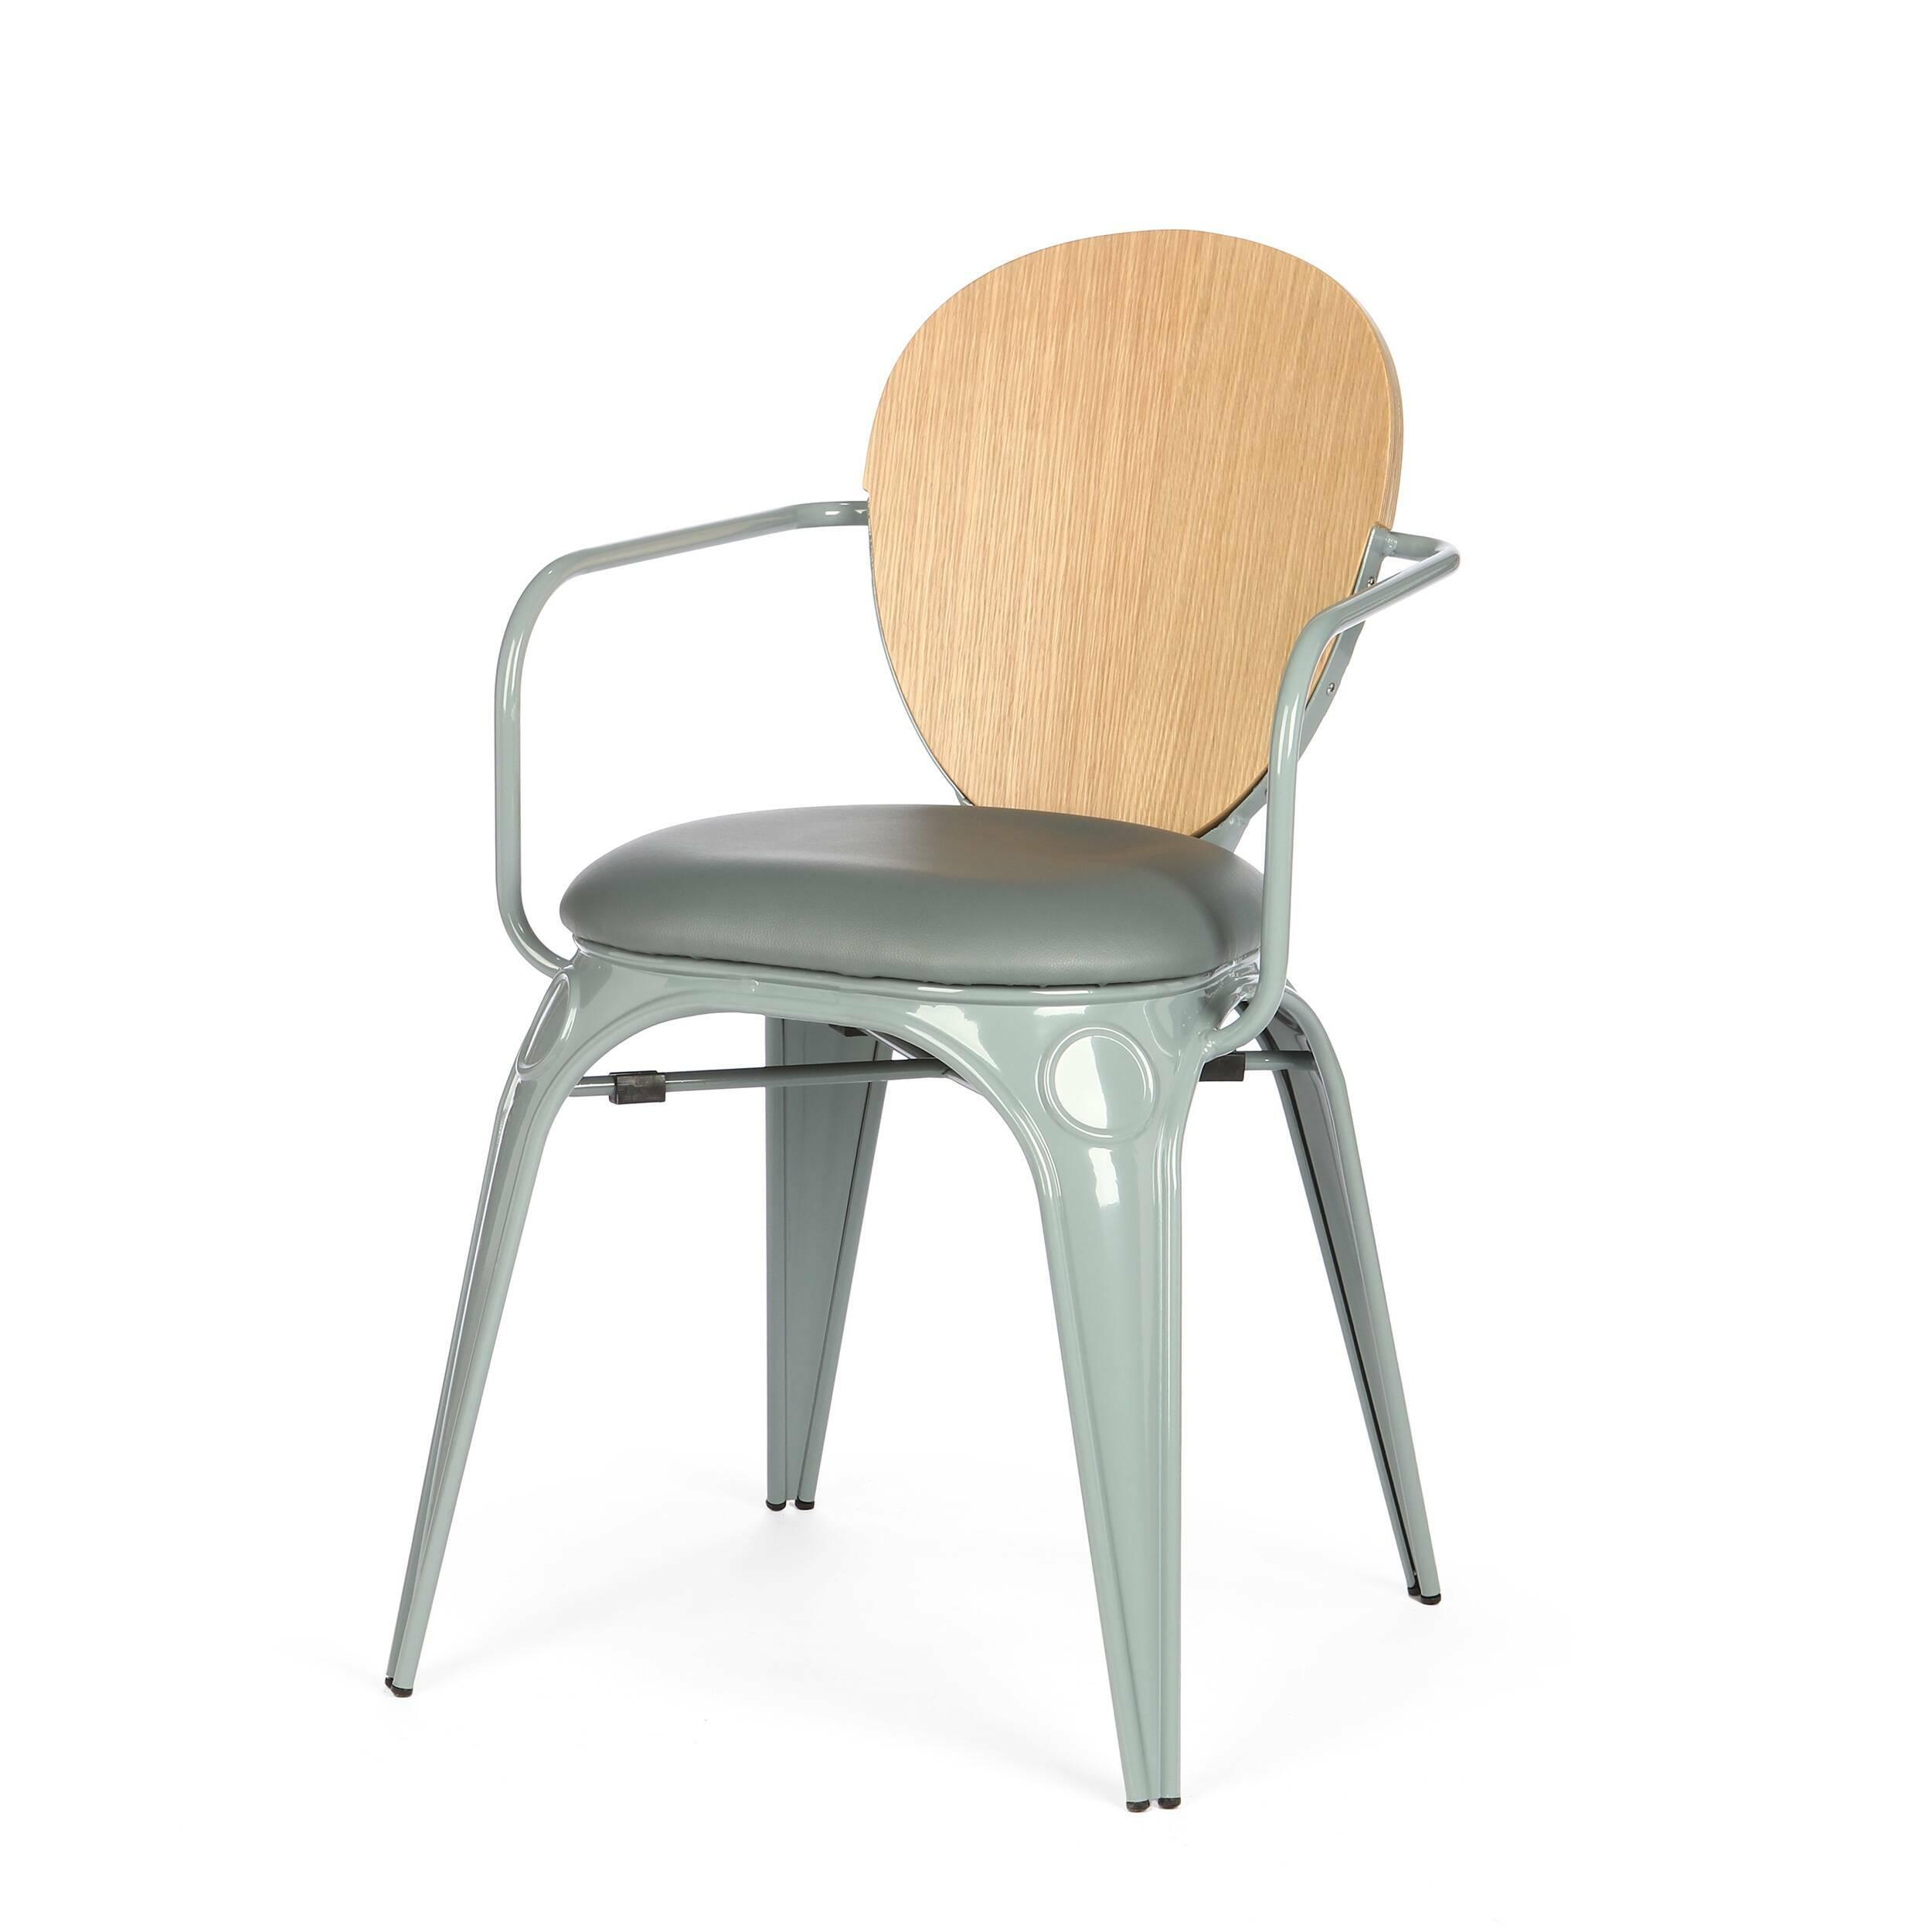 Стул Louix с подушкойИнтерьерные<br>Дизайнерский стул Louix (Луи) из стали с кожаным сиденьем и деревянной спинкой от Cosmo (Космо).<br><br>     Дизайнер Александр Аразола виртуозно соединил практичность и эстетику. Его творения не просто стильные, они имеют свой характер, свое настроение. Легкость и простота присутствуют и в этом стуле.<br><br><br>     Светлый и оригинальный, прочный и надежный, стул Louix с подушкой спроектирован в чистом французском стиле, на стыке индустриальной техники, популярной во Франции в 20-х годах ХХ века, и ...<br><br>stock: 0<br>Высота: 83.5<br>Высота сиденья: 46<br>Ширина: 60<br>Глубина: 52<br>Цвет спинки: Дуб<br>Материал спинки: Фанера, шпон дуба<br>Тип материала каркаса: Сталь<br>Материал сидения: Полиуретан<br>Цвет сидения: Серый<br>Тип материала спинки: Дерево<br>Тип материала сидения: Кожа искусственная<br>Цвет каркаса: Теплый серый